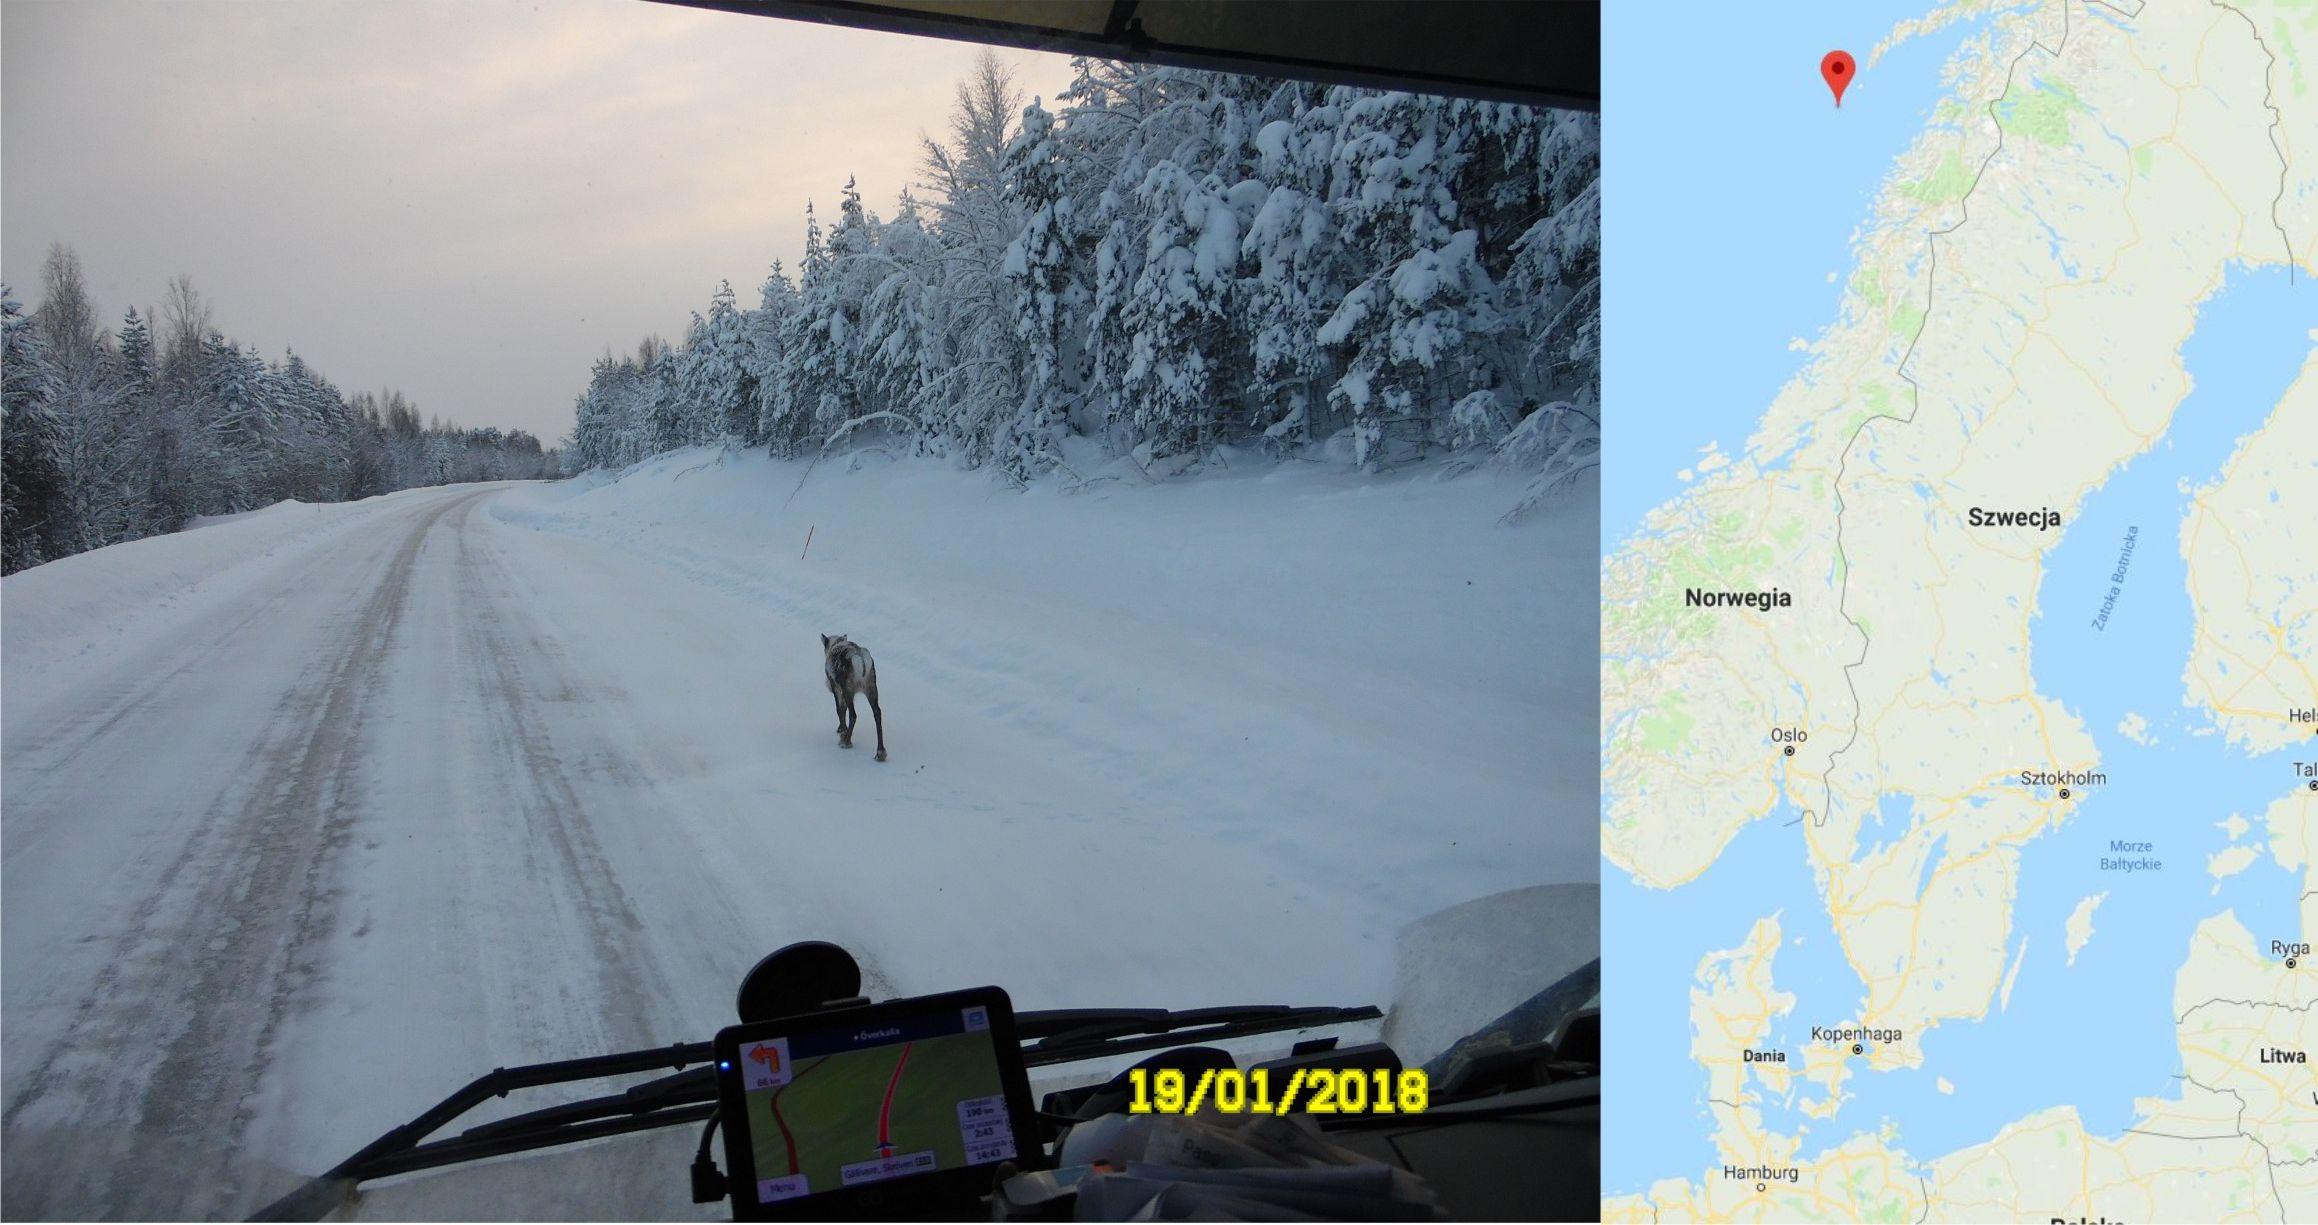 Dostawa na Rost, Norwegia